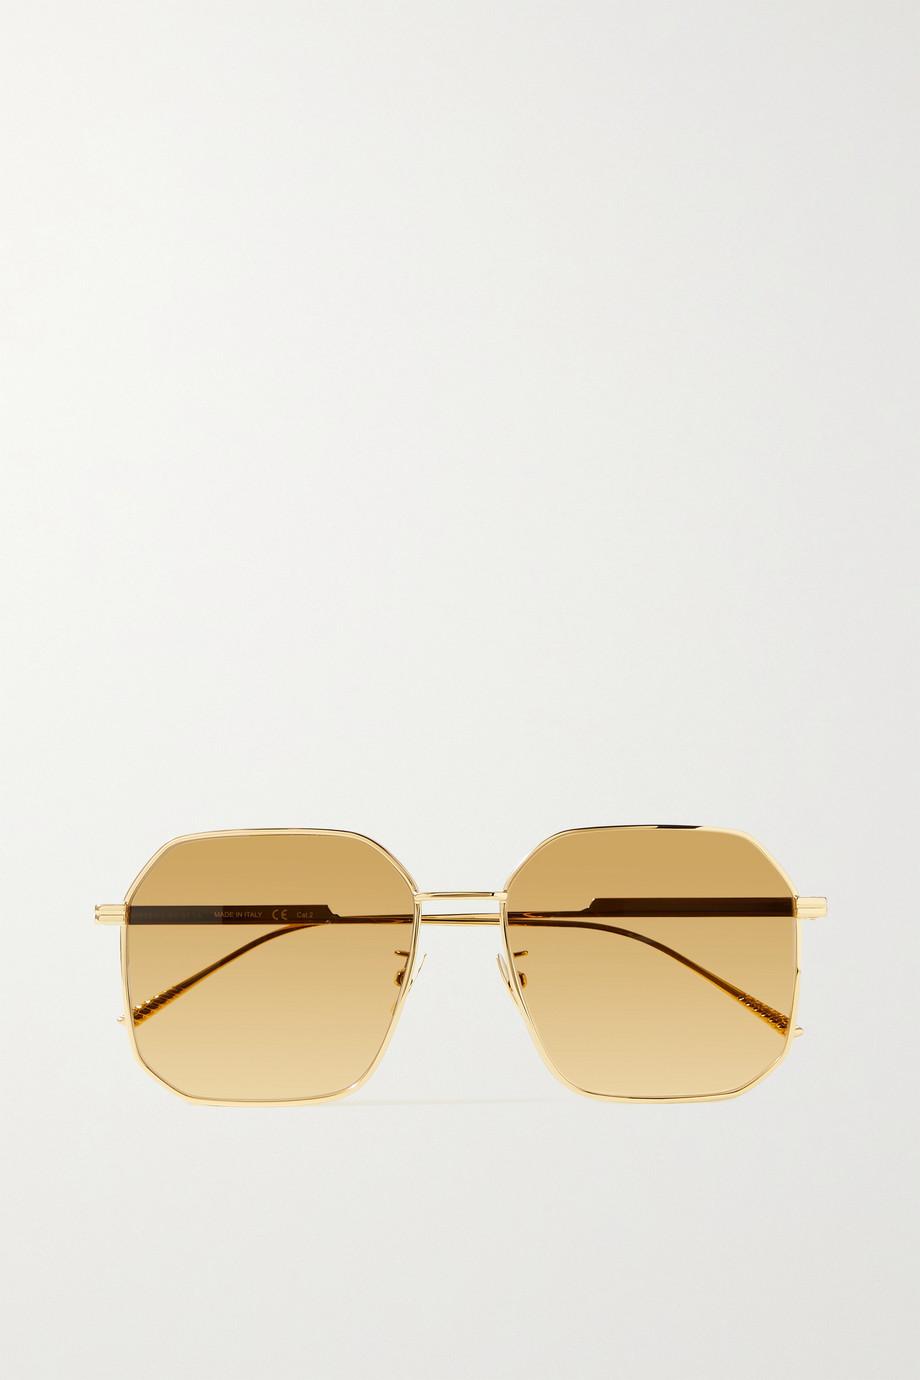 Bottega Veneta Goldfarbene verspiegelte Sonnenbrille mit sechseckigem Rahmen